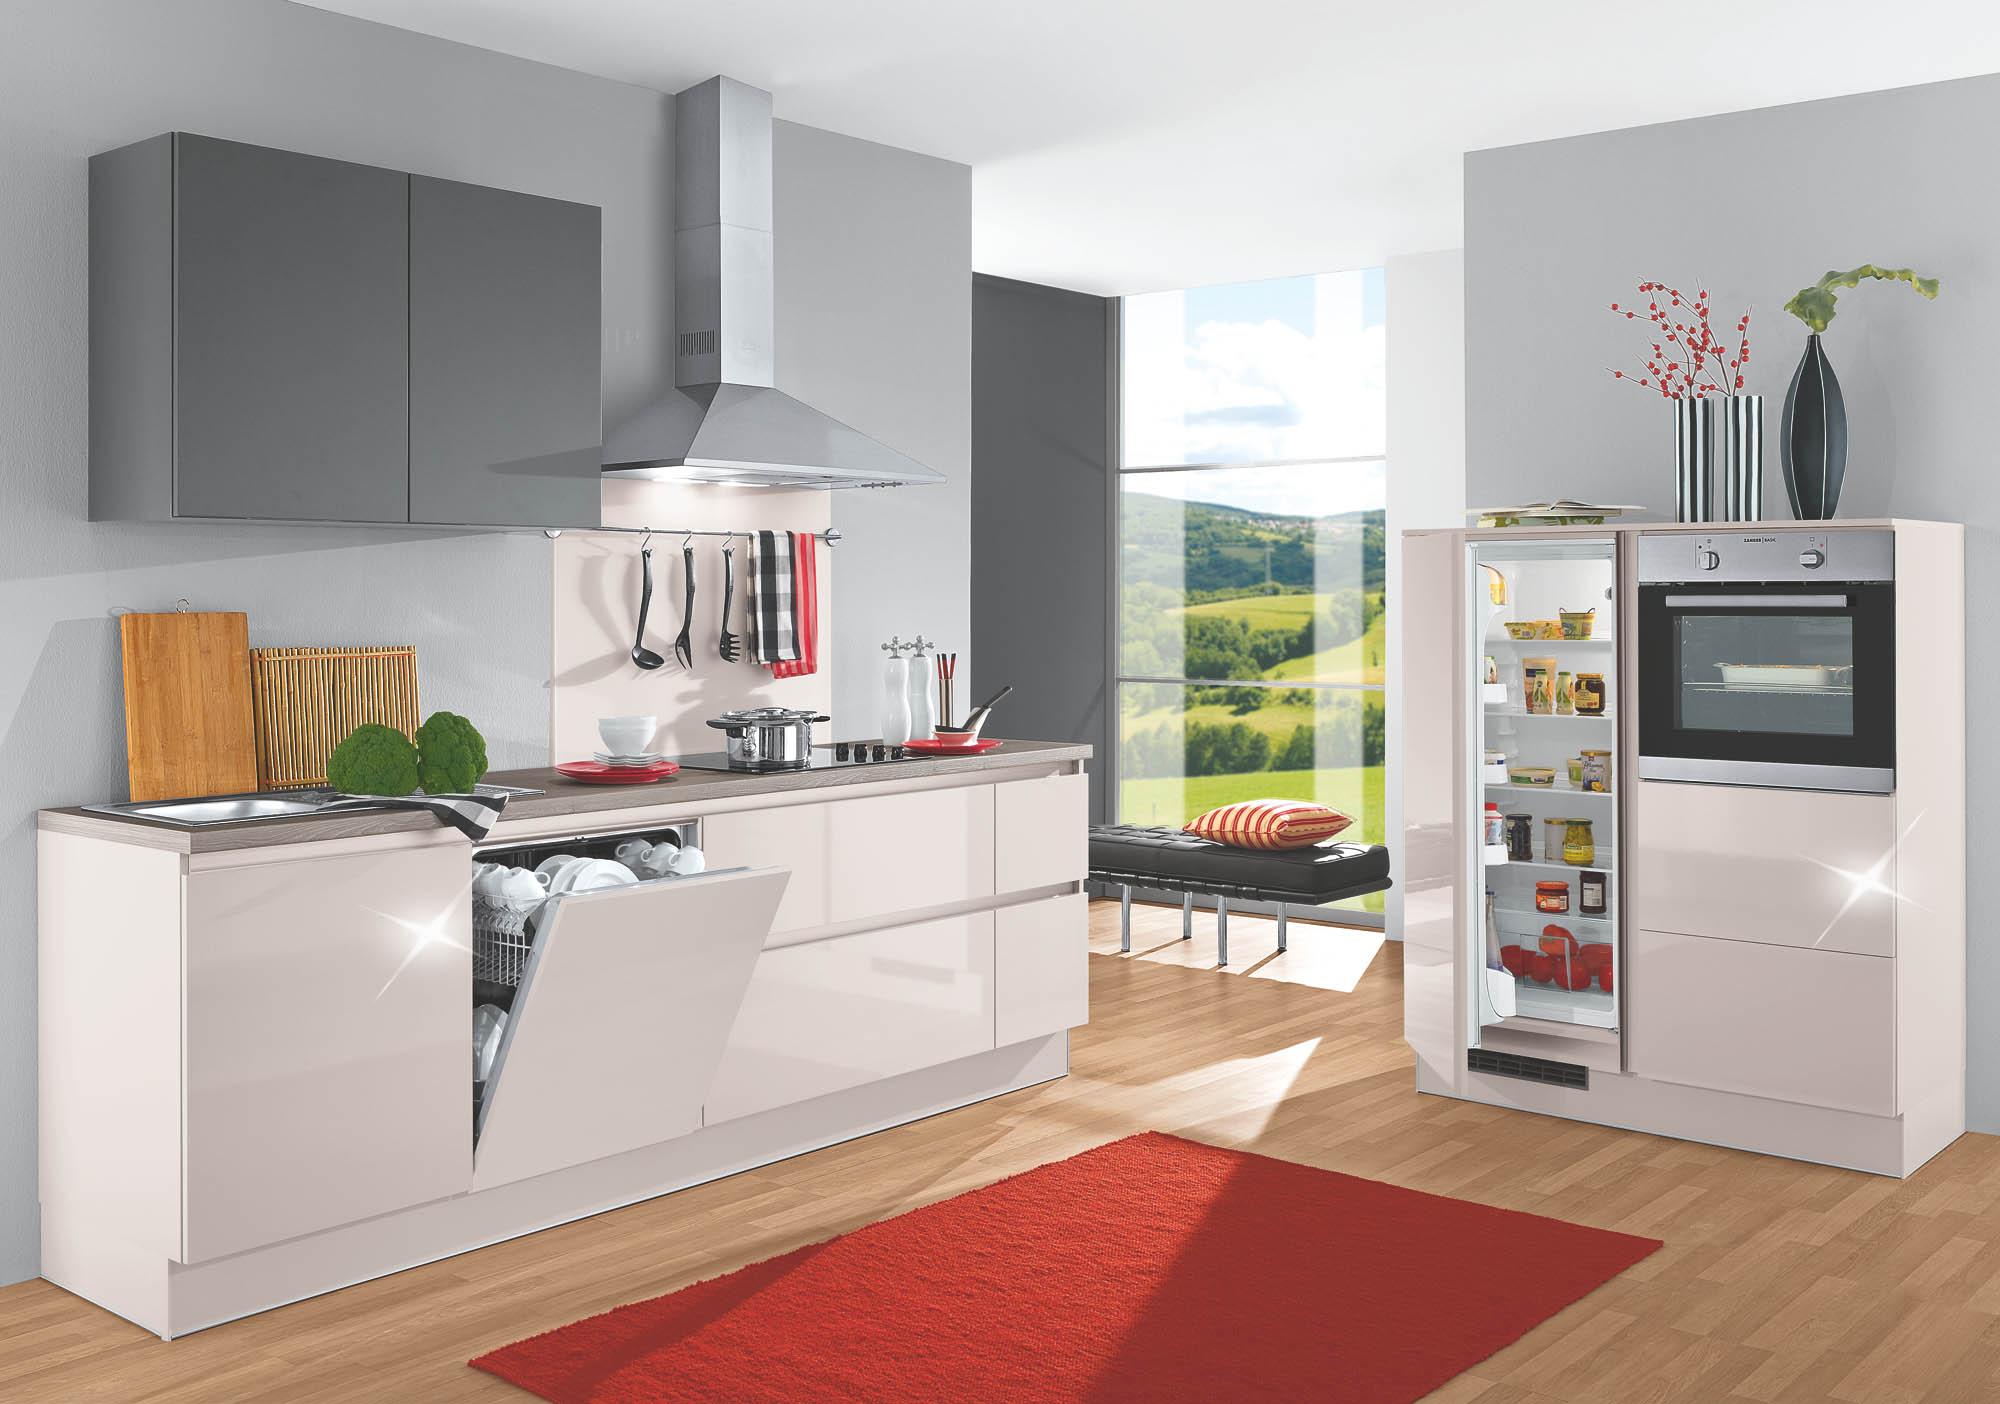 Full Size of Einbauküche Mit Elektrogeräten Roller Amazon Einbauküche Mit Elektrogeräten Einbauküche Mit Elektrogeräten Ebay Einbauküche Elektrogeräte Garantie Küche Einbauküche Mit Elektrogeräten